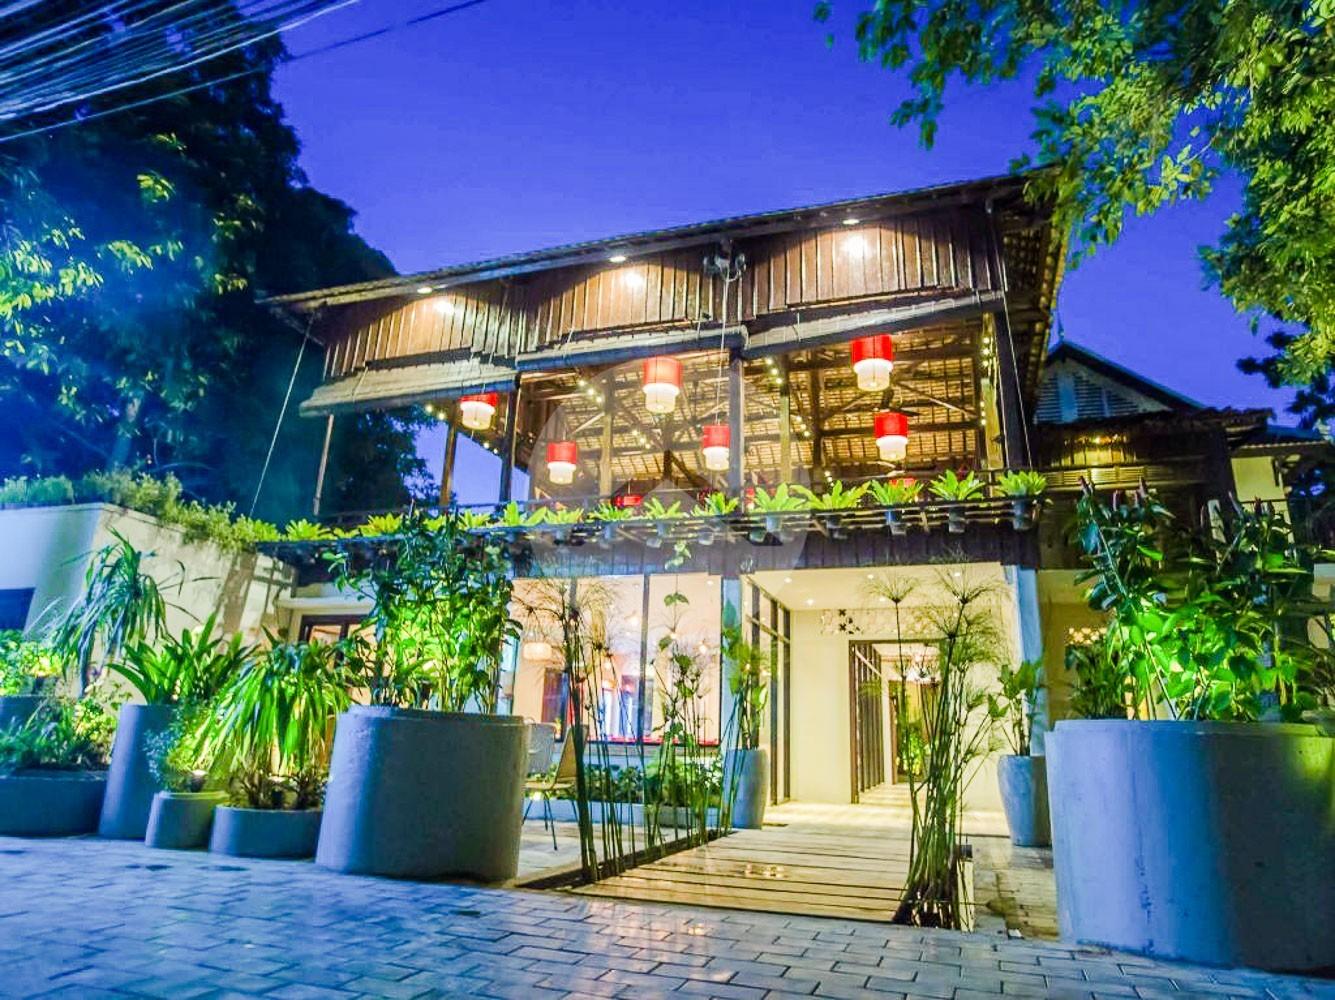 14 Bedroom Boutique Hotel For Rent - Slor Kram, Siem Reap